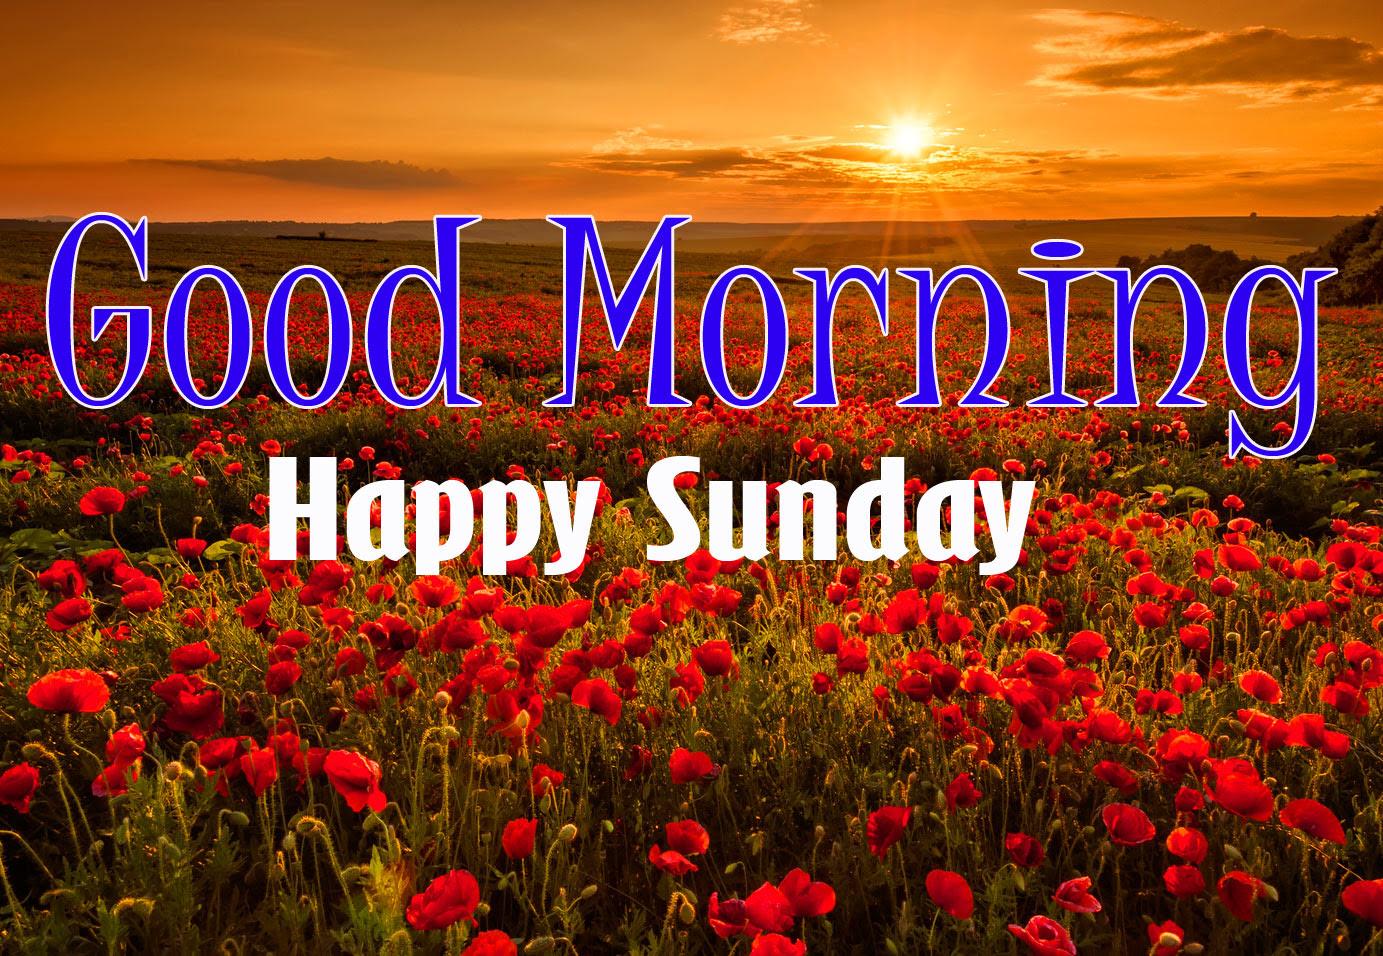 Sunday Good Morning Wishes Photo HD